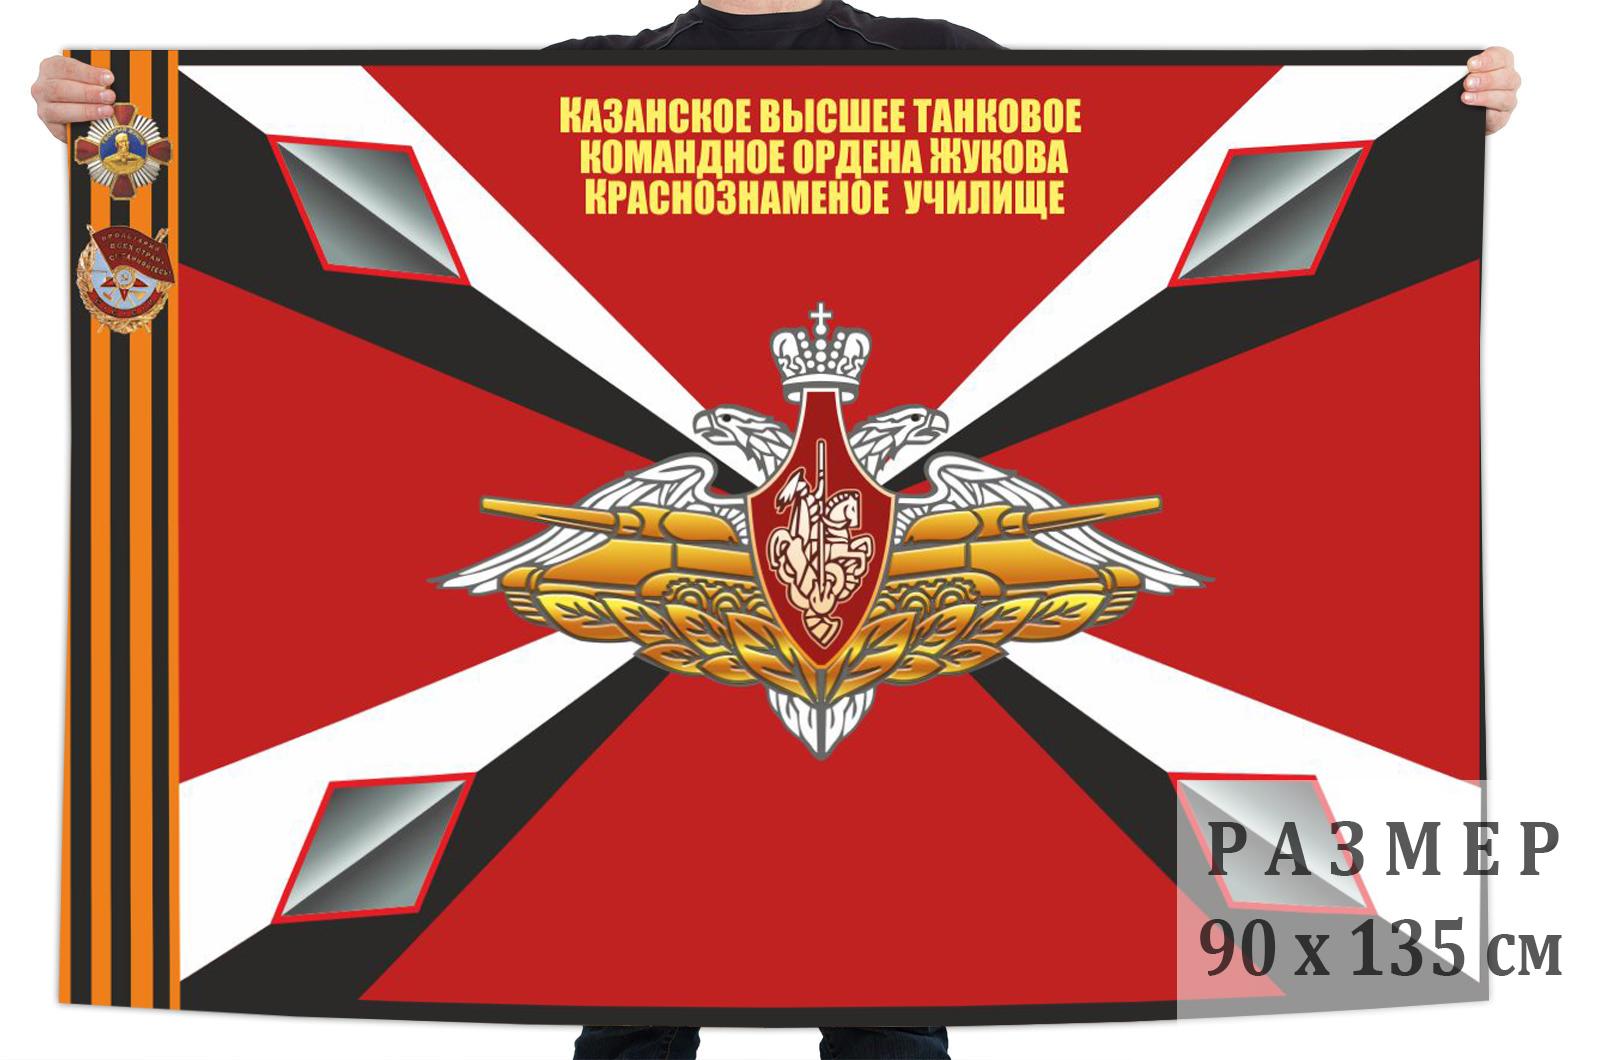 Флаг Казанского высшего танкового командного училища